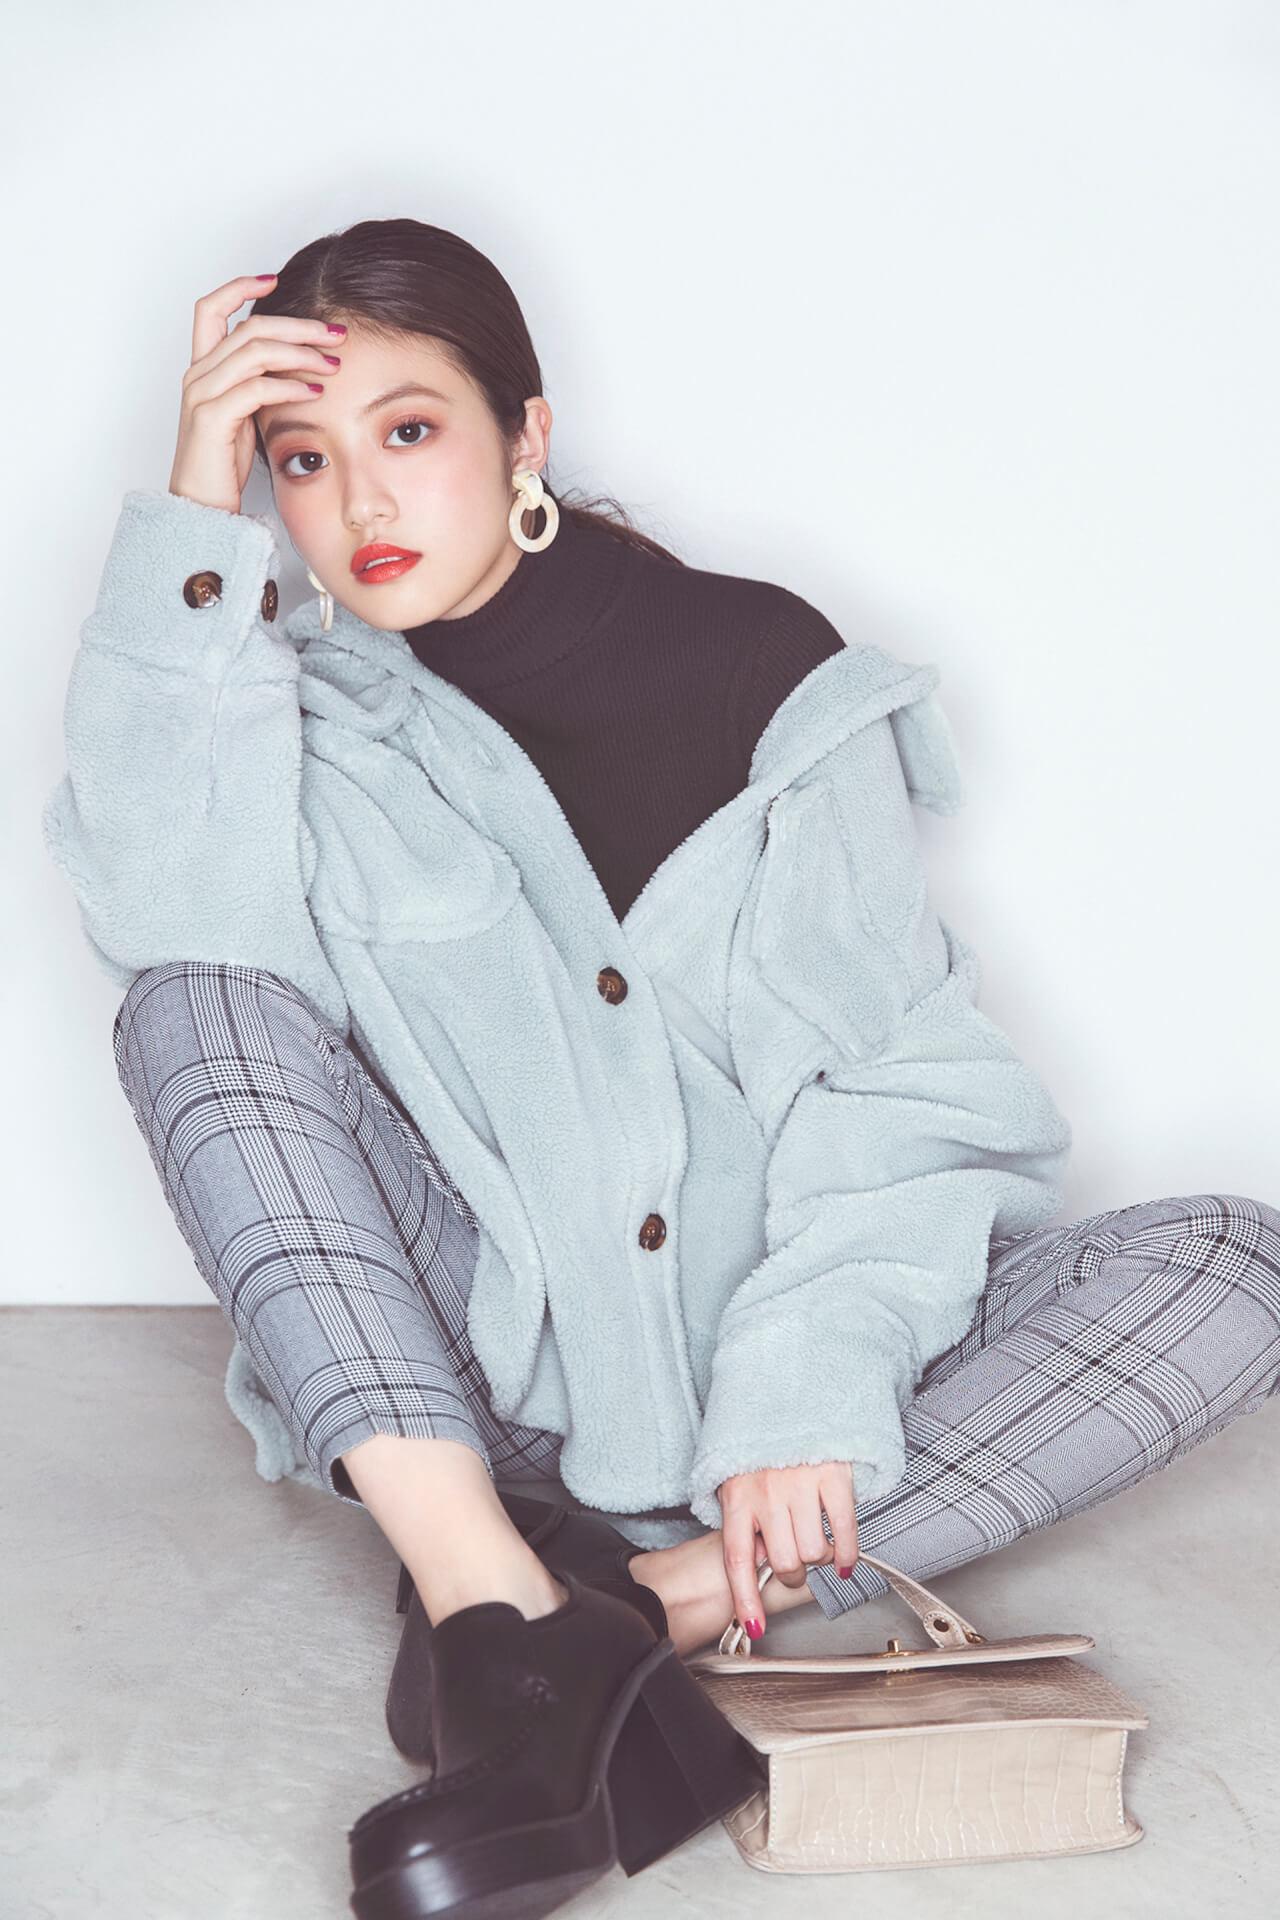 GRLが女優・今田美桜を起用した2019年秋冬ビジュアルを公開|今田美桜からのコメントも到着 lifefashion_1108_grl_6